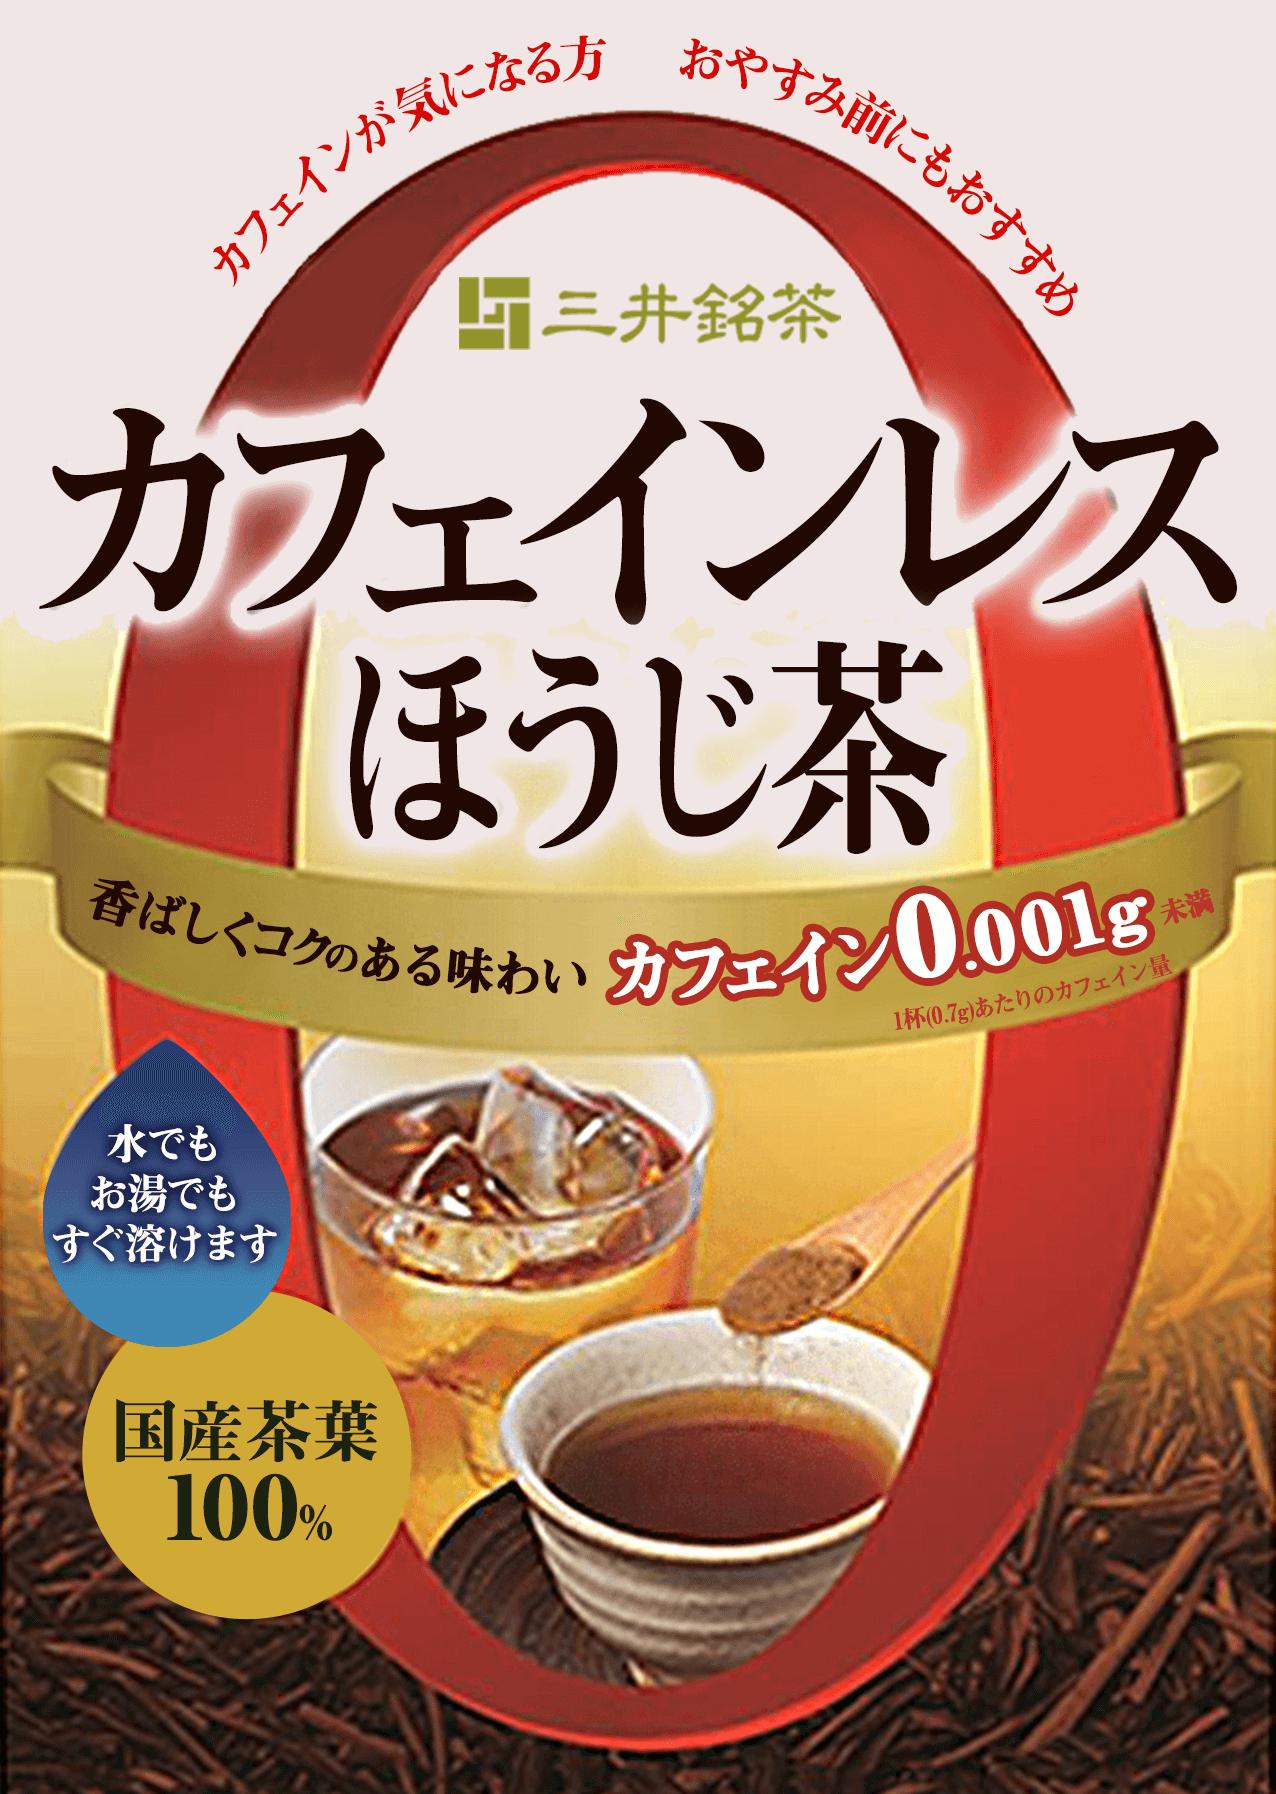 カフェインが気になる方 おやすみ前にもおすすめ 三井銘茶 カフェインレスほうじ茶 香ばしくコクのある味わい カフェイン0.001g 水でもお湯でもすぐ溶けます 国産茶葉100%